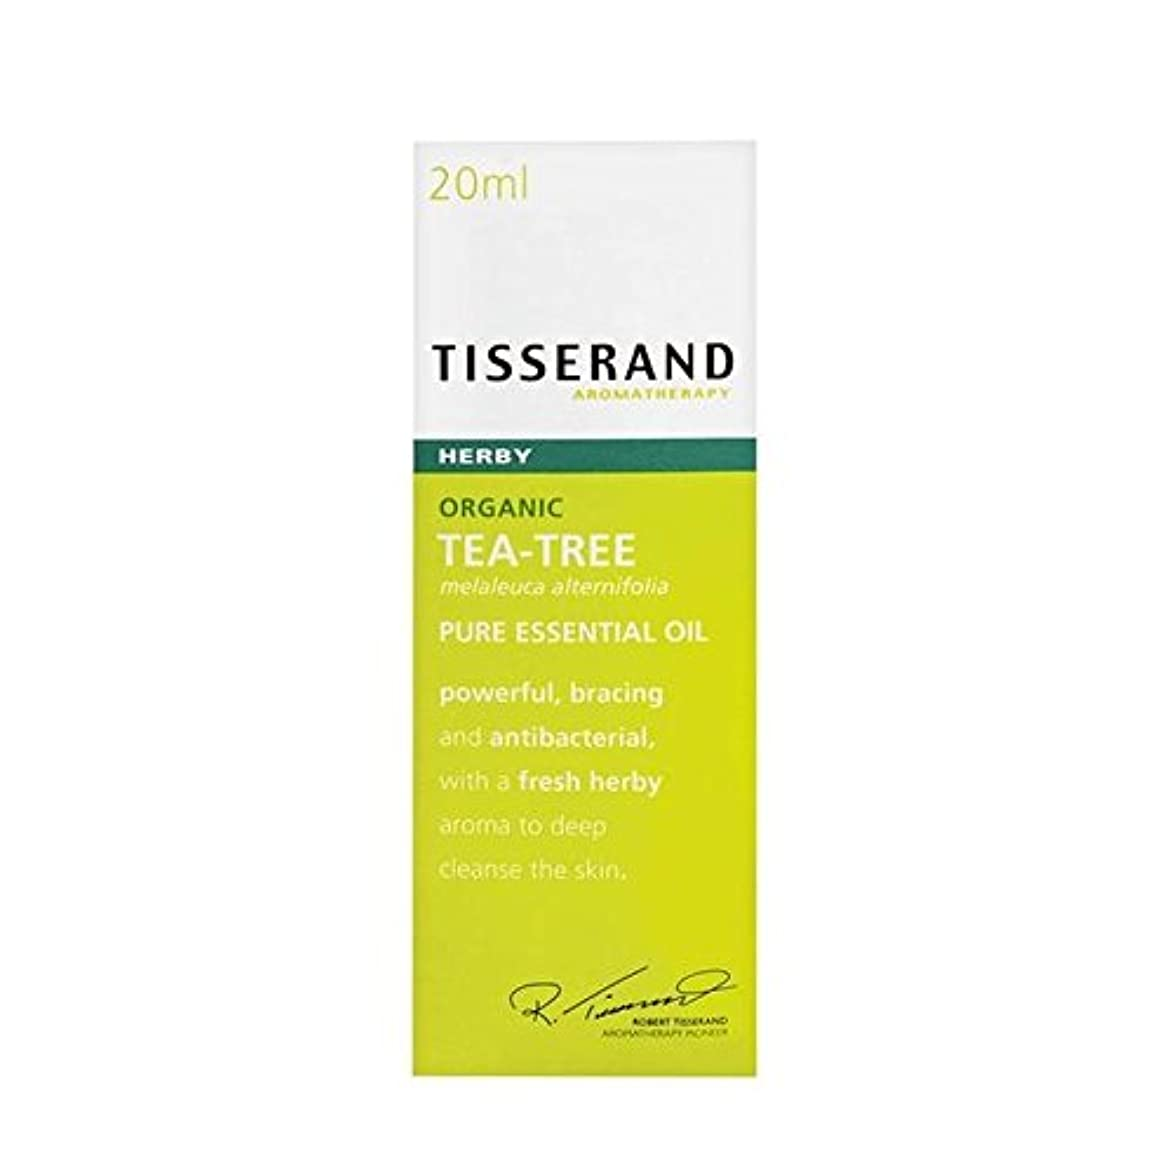 バック丁寧繊細Tisserand Tea Tree Organic Pure Essential Oil 20ml - ティスランドティーツリーオーガニックピュアエッセンシャルオイル20ミリリットル [並行輸入品]